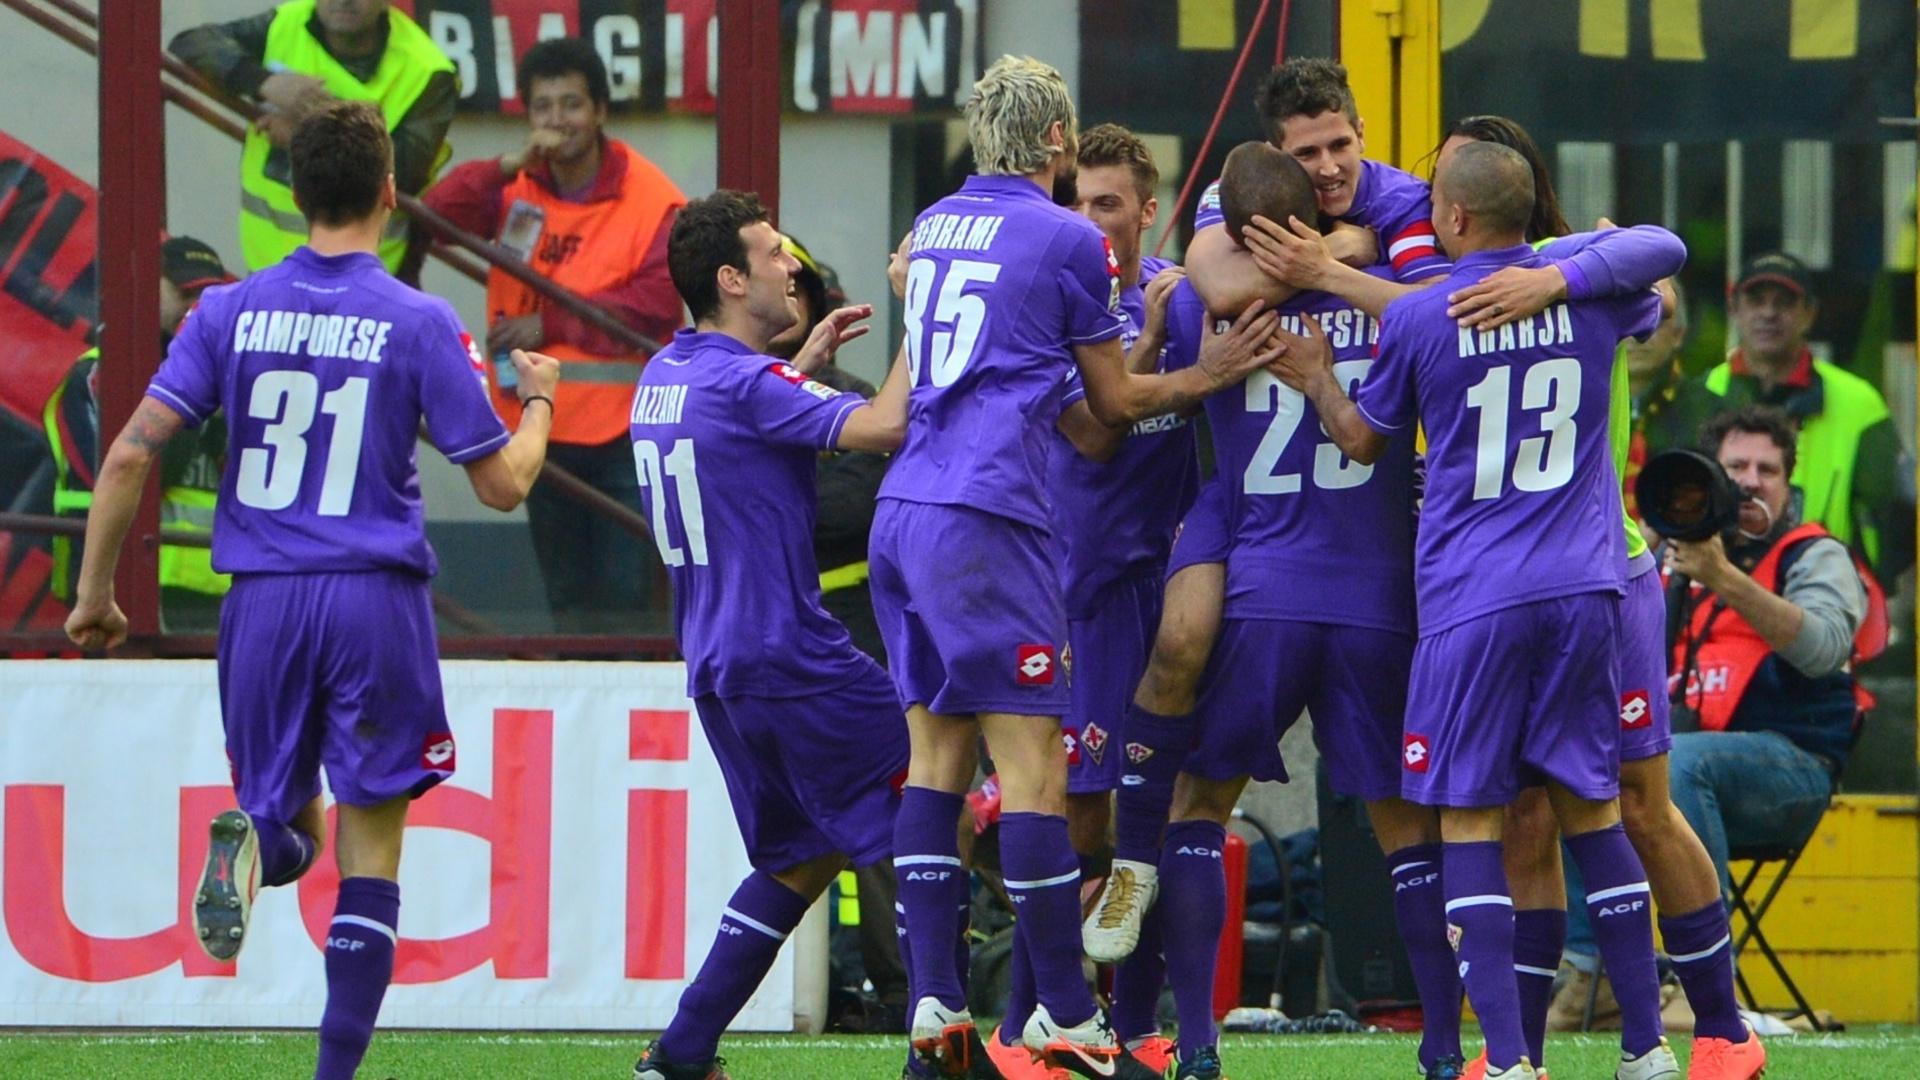 Jogadores da Fiorentina comemoram. Time visitou o Milan neste sábado e levou a melhor: venceu de virada por 2 a 1